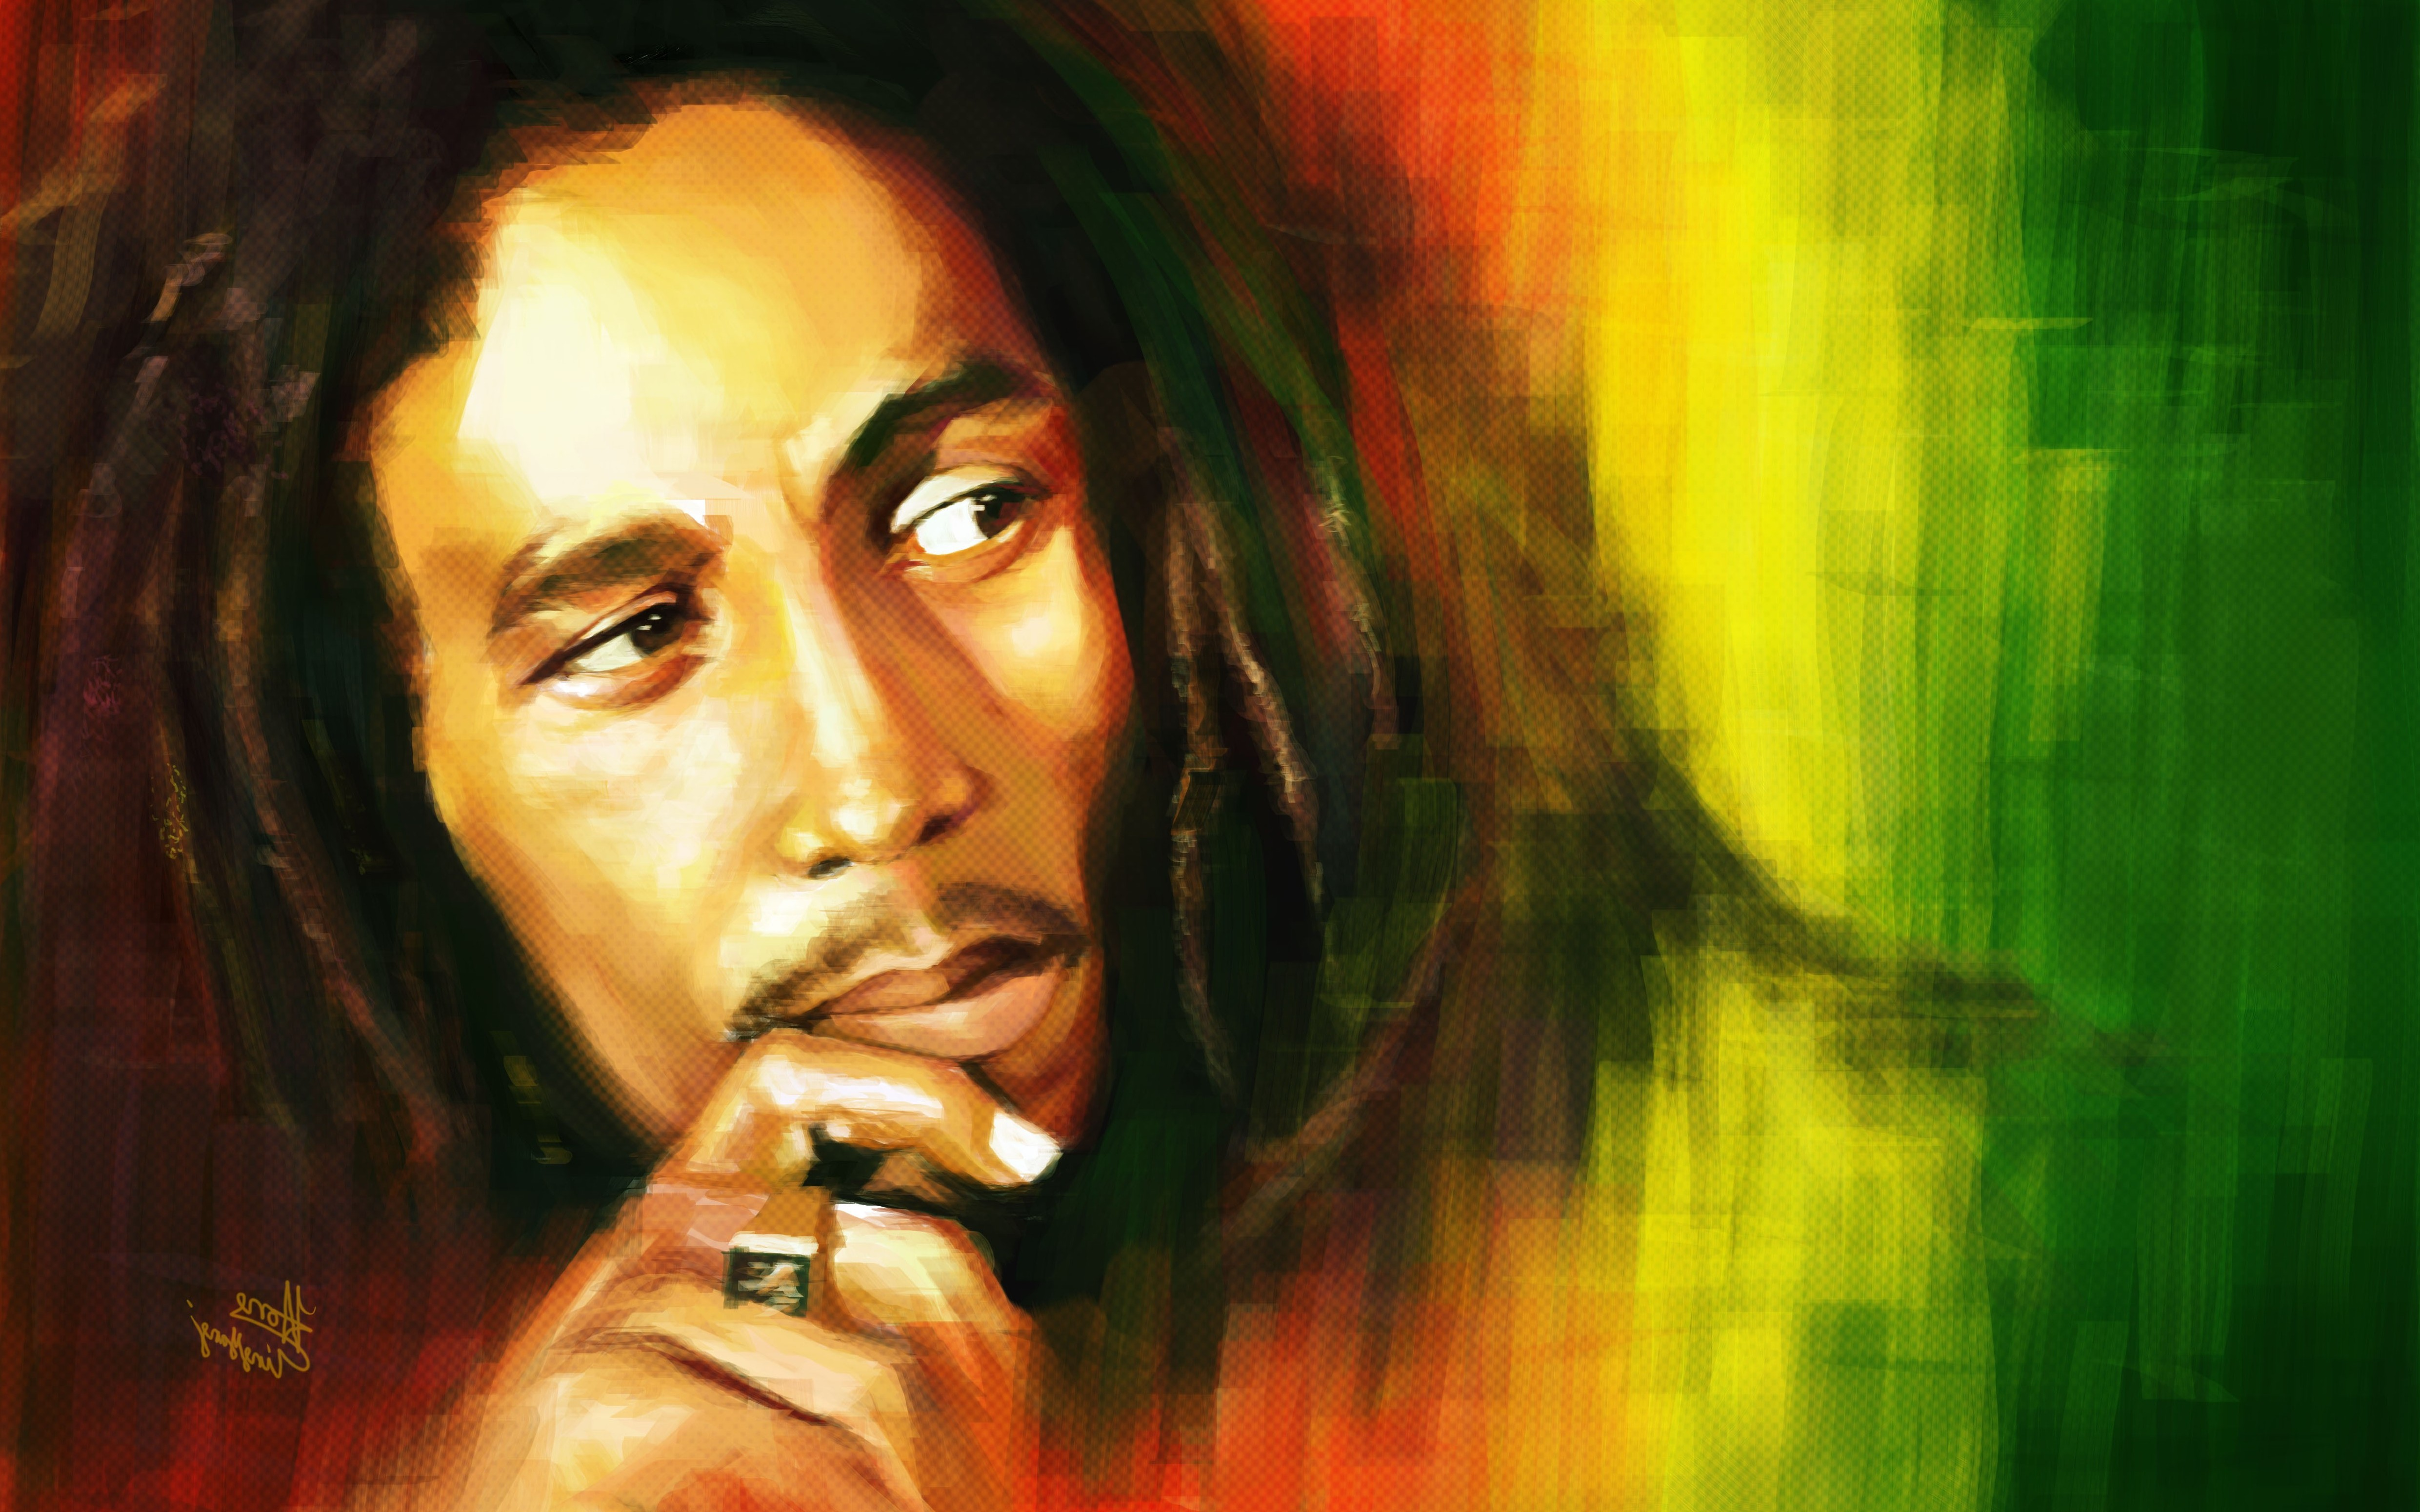 Fonds d'écran Bob Marley : tous les wallpapers Bob Marley